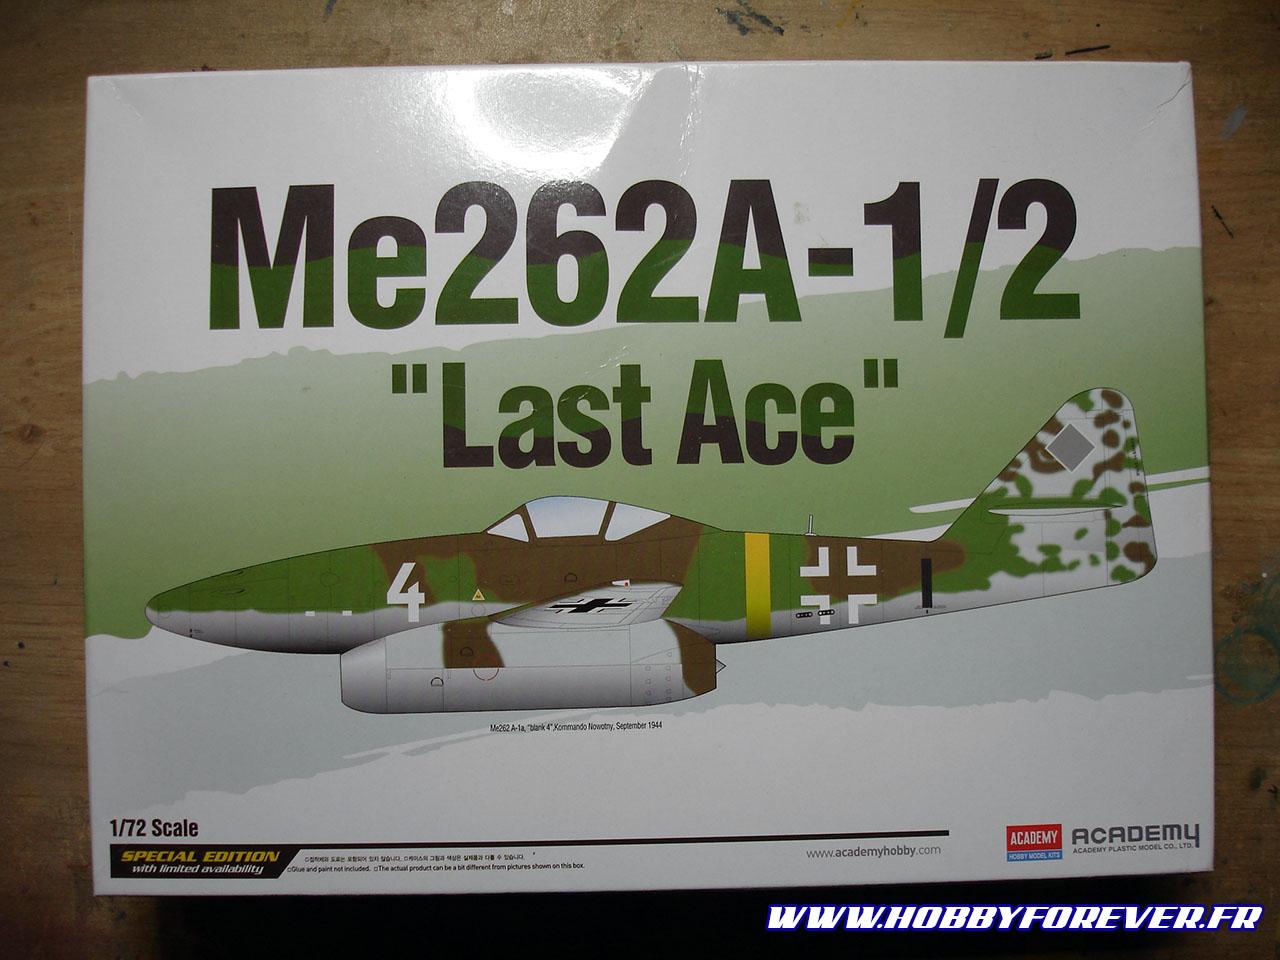 La boite du Me262A-1/2 1/72 d'Academy